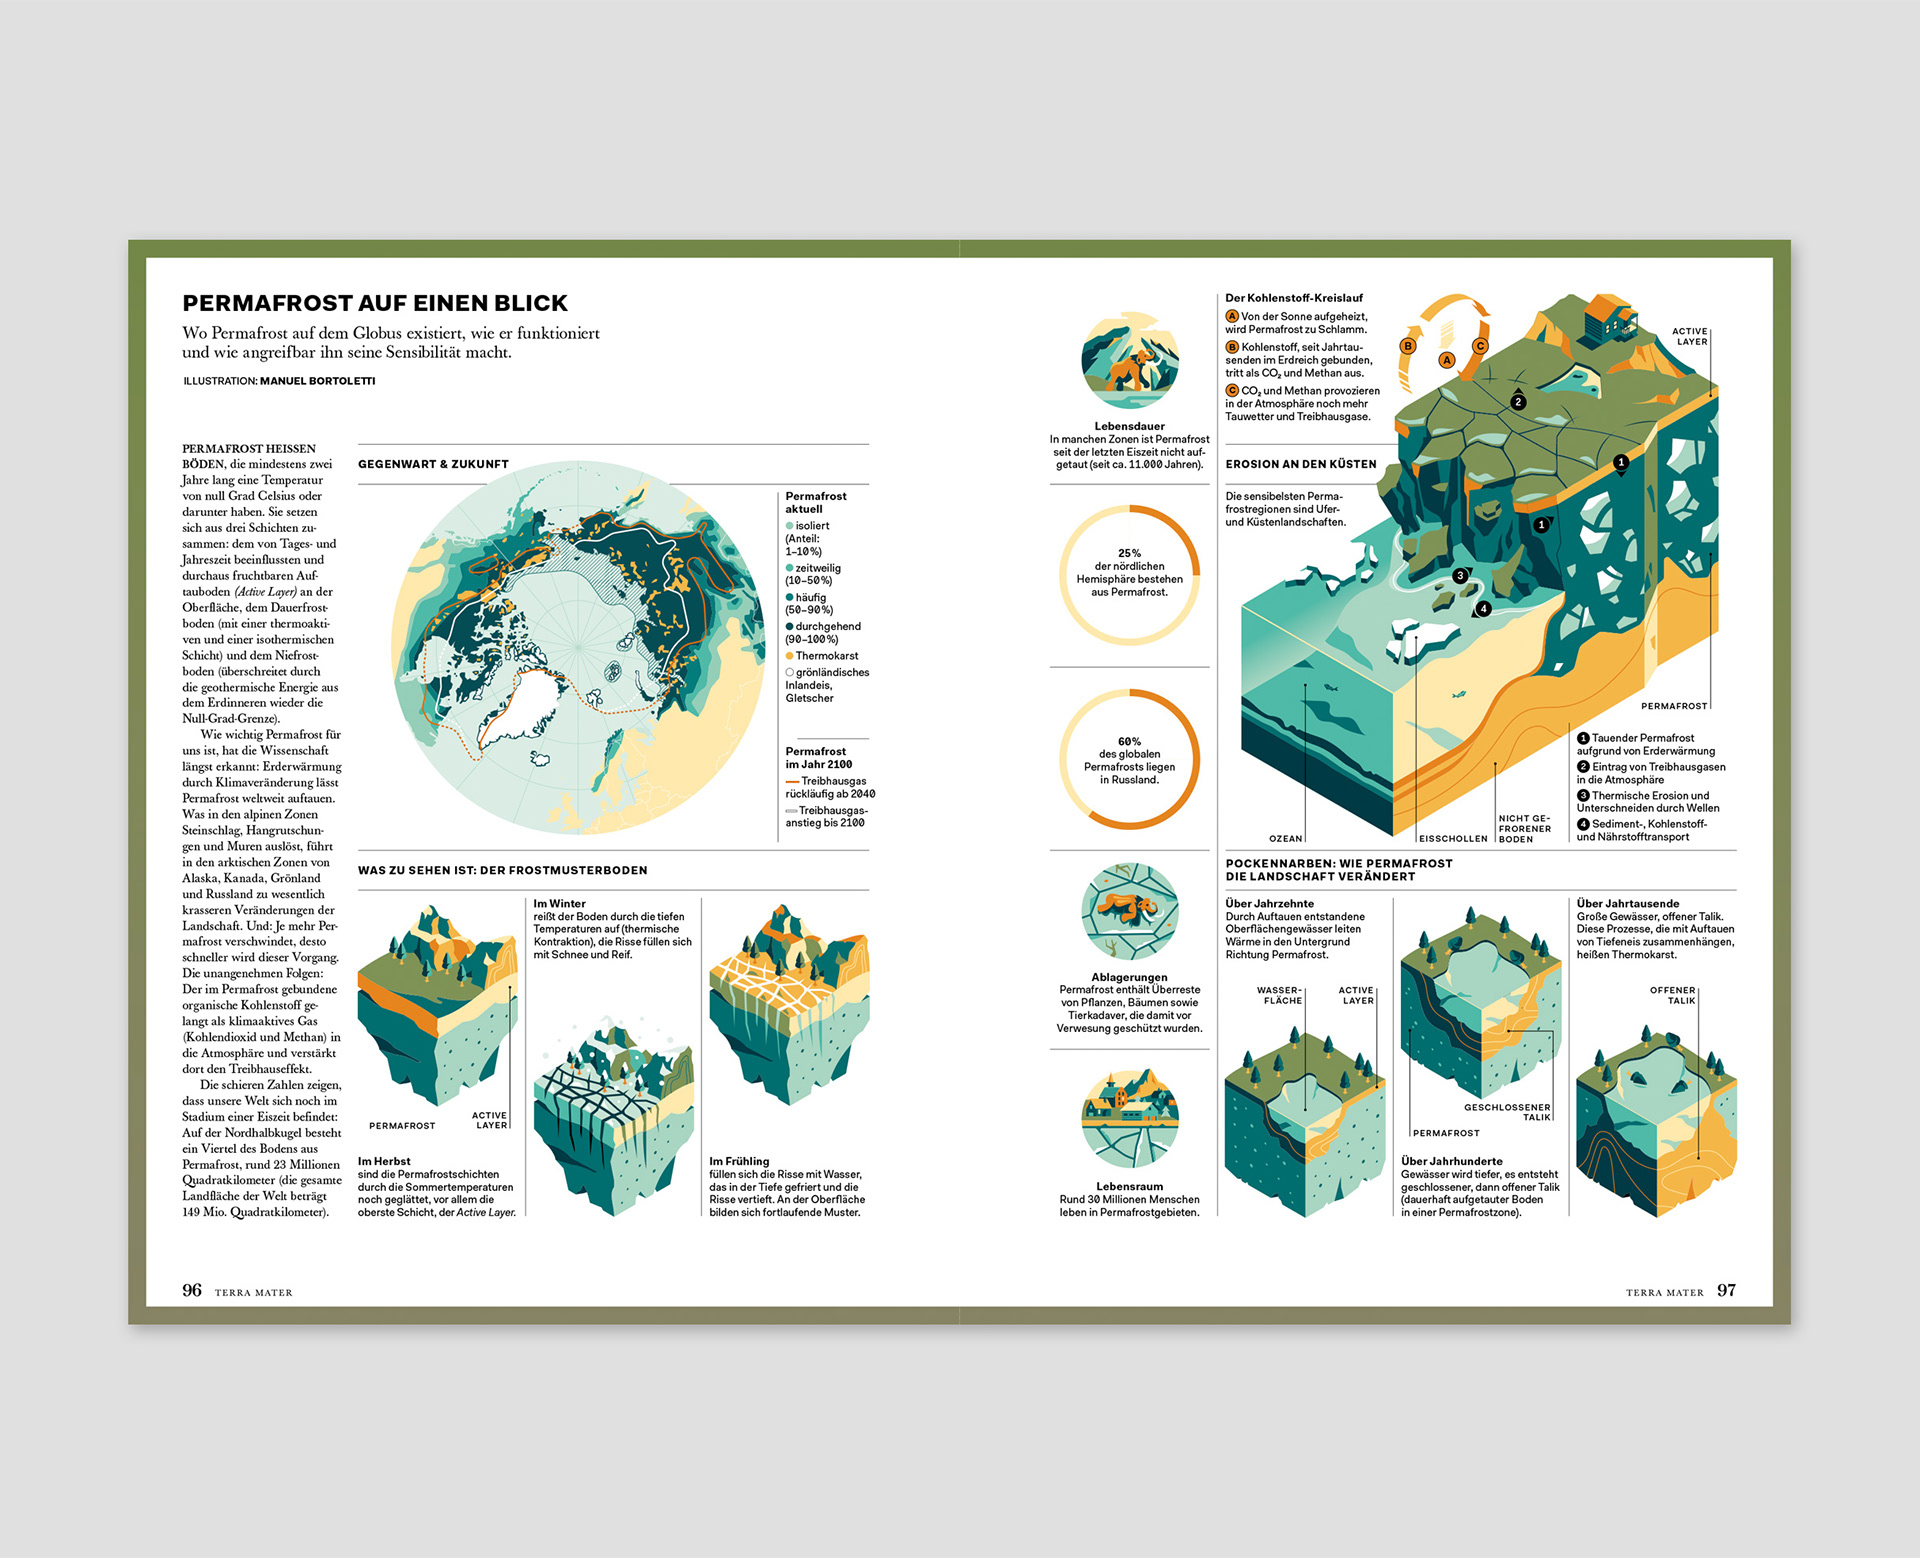 Manuel Bortoletti infographic